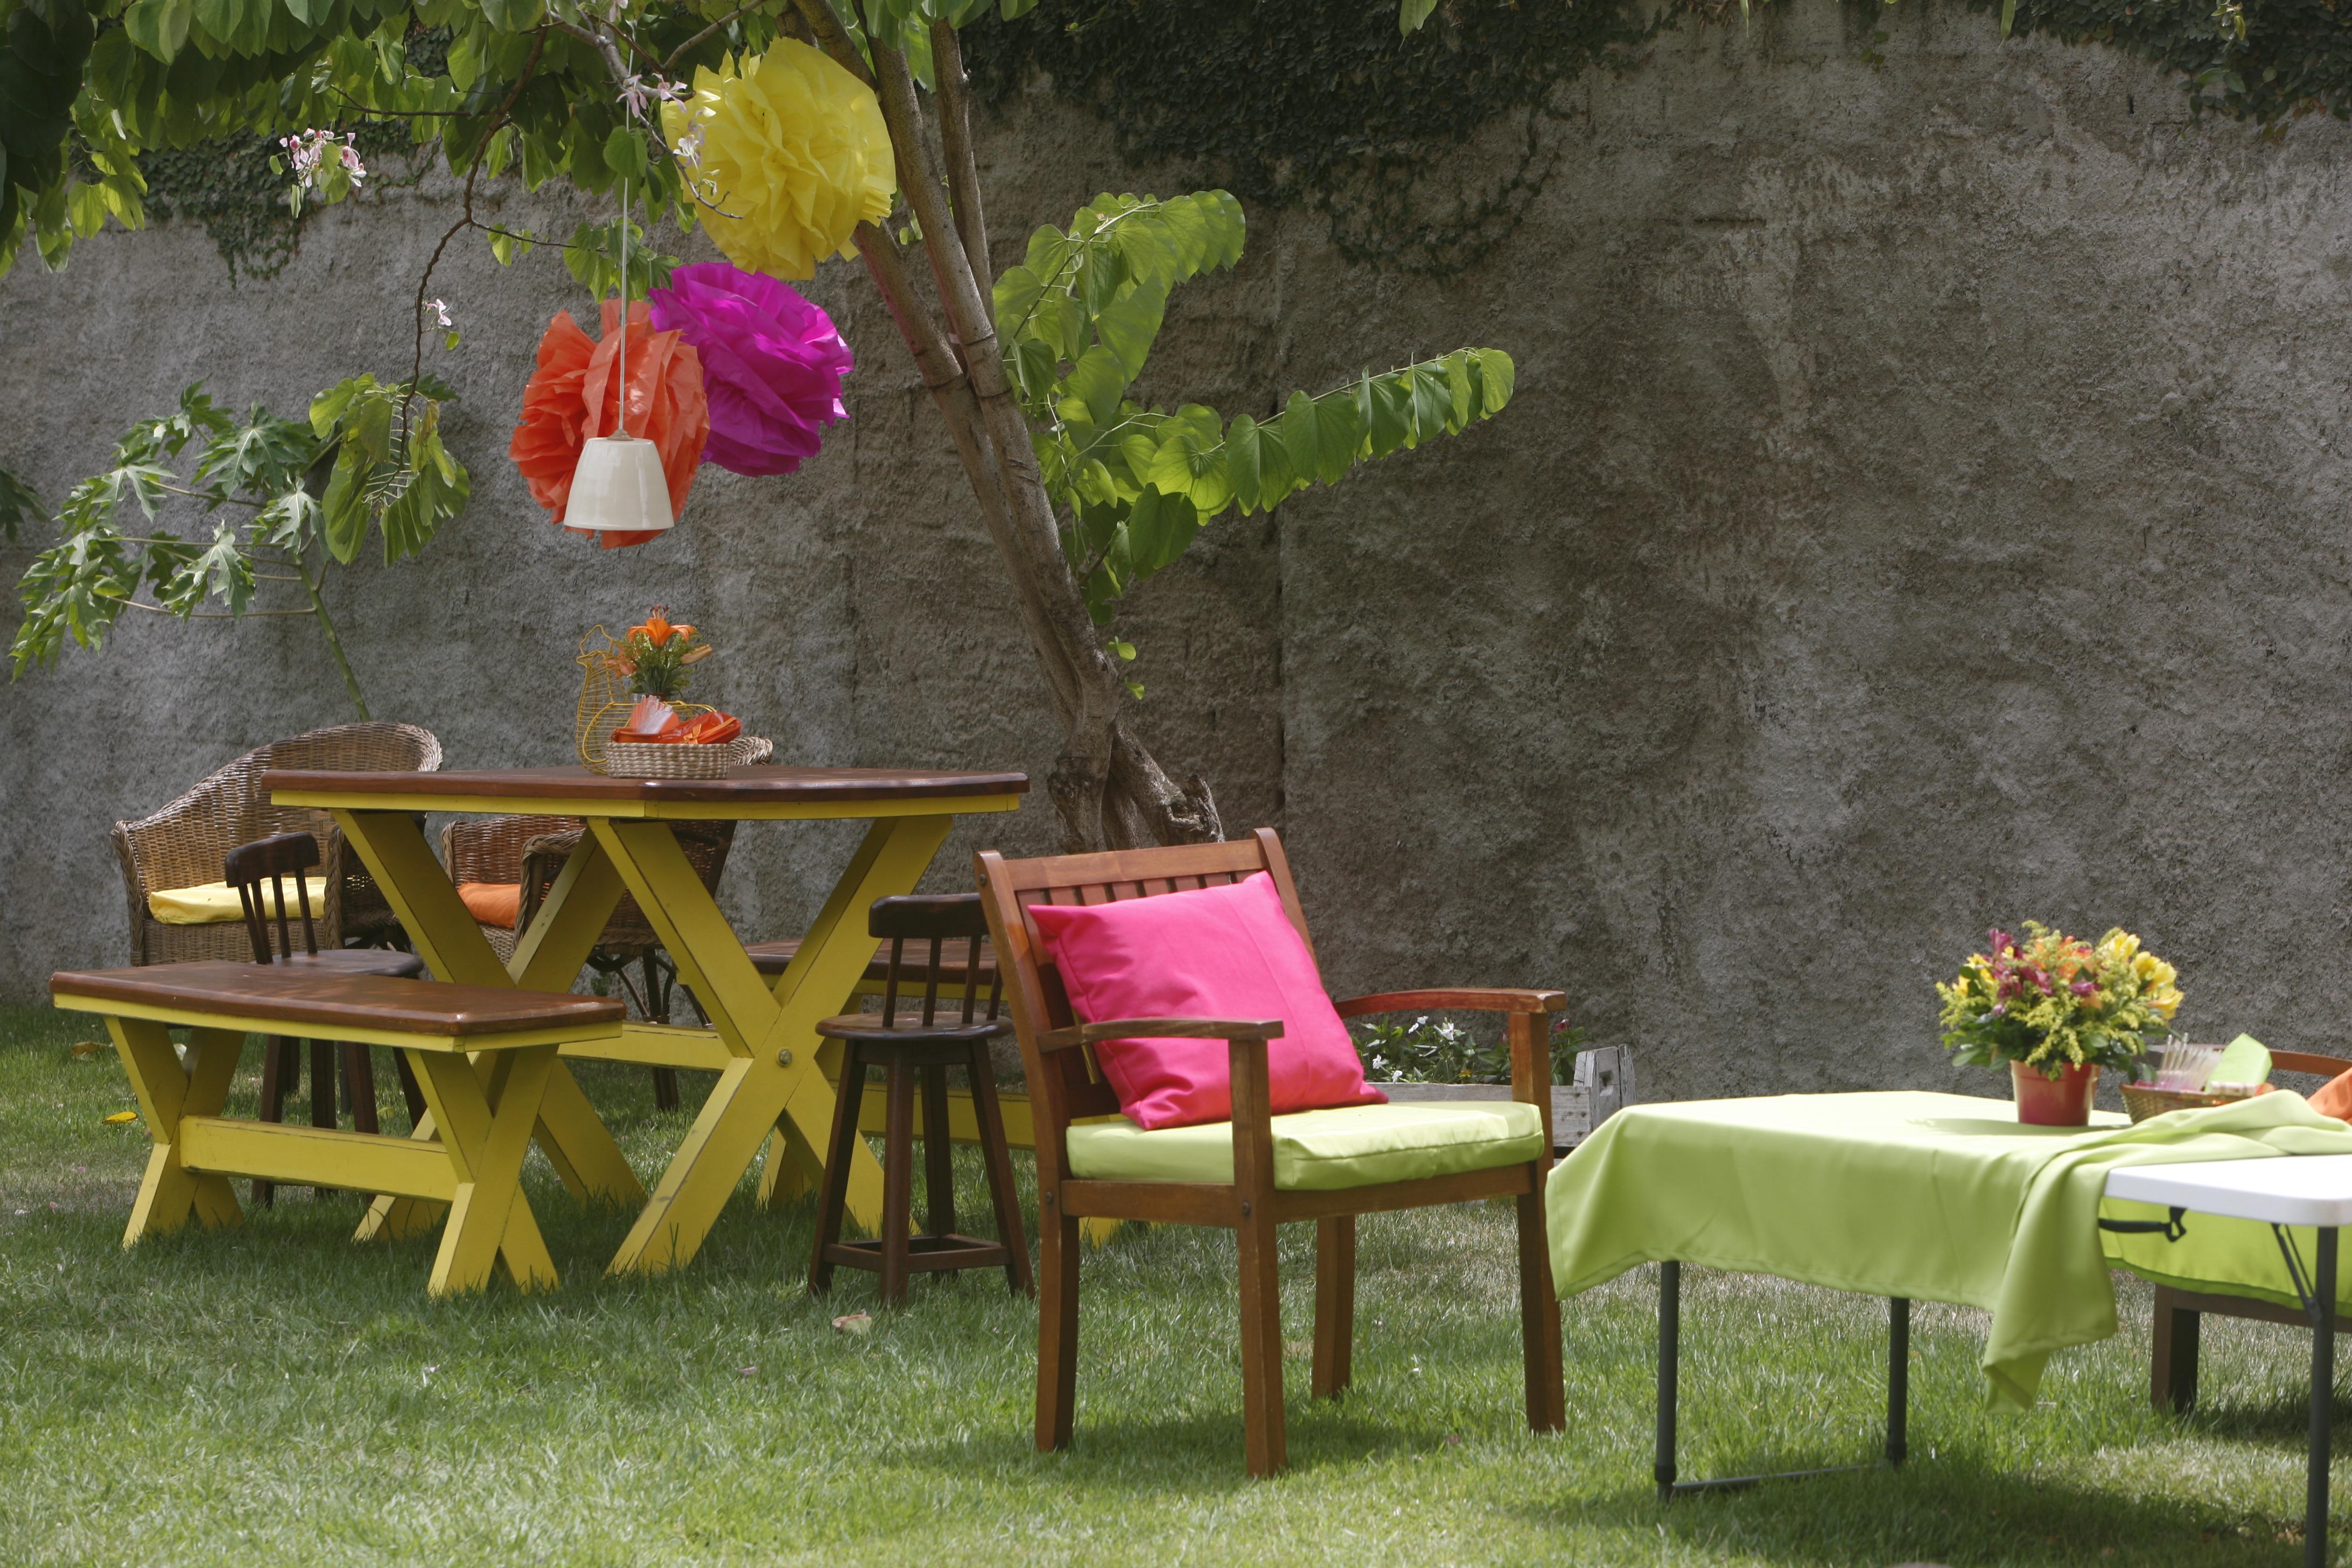 festa jardim da clarilu : festa jardim da clarilu:Decidi usar mesas grandes, para ficar mais informal, ter mais